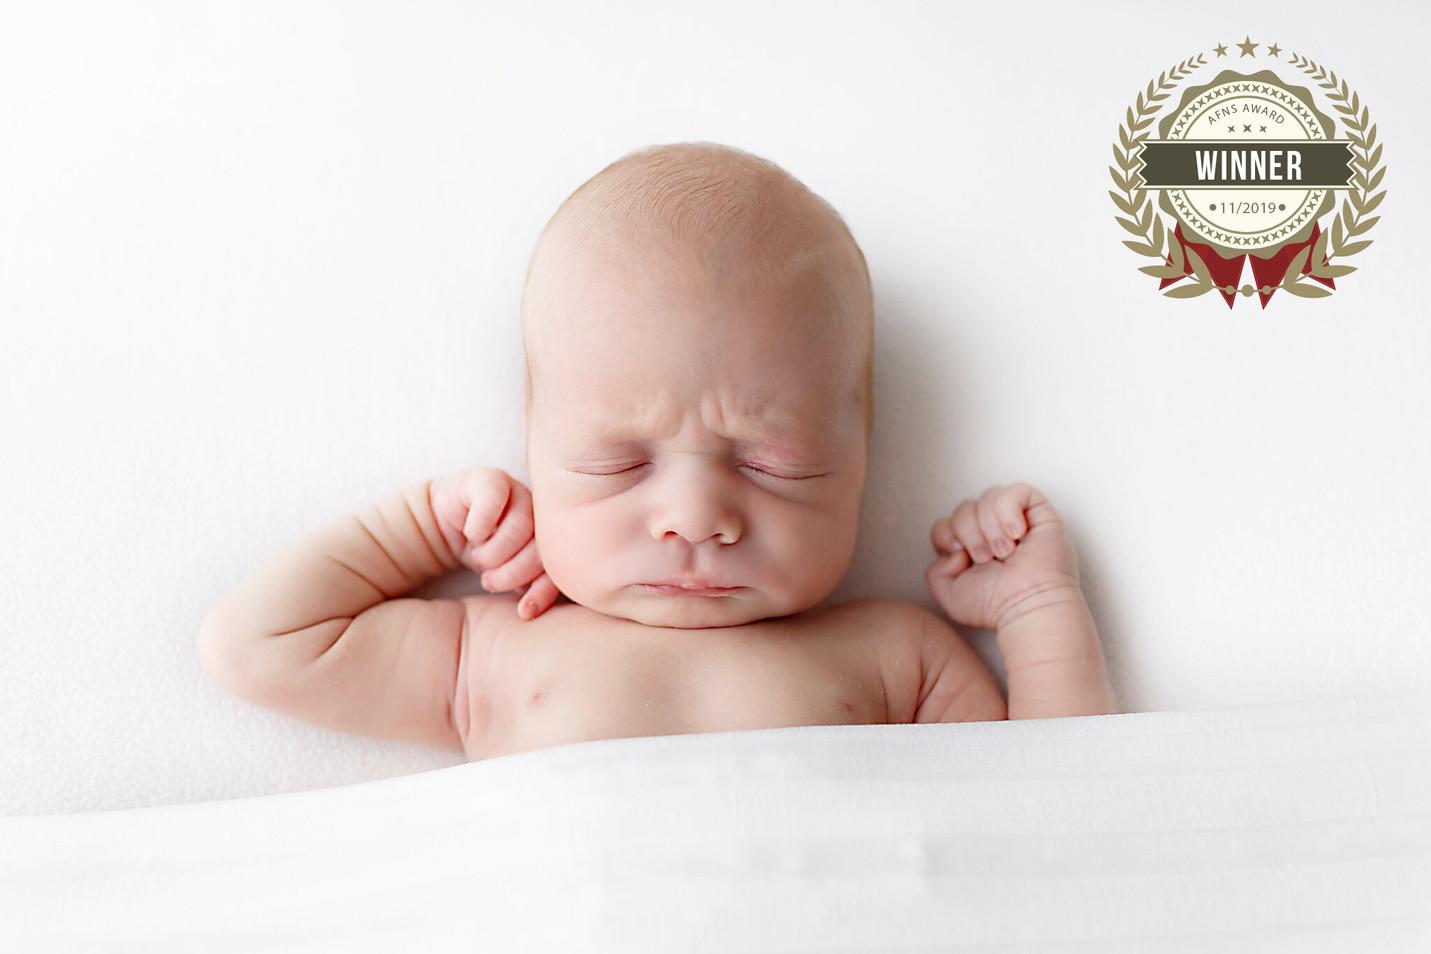 AFNS Awarded Winner